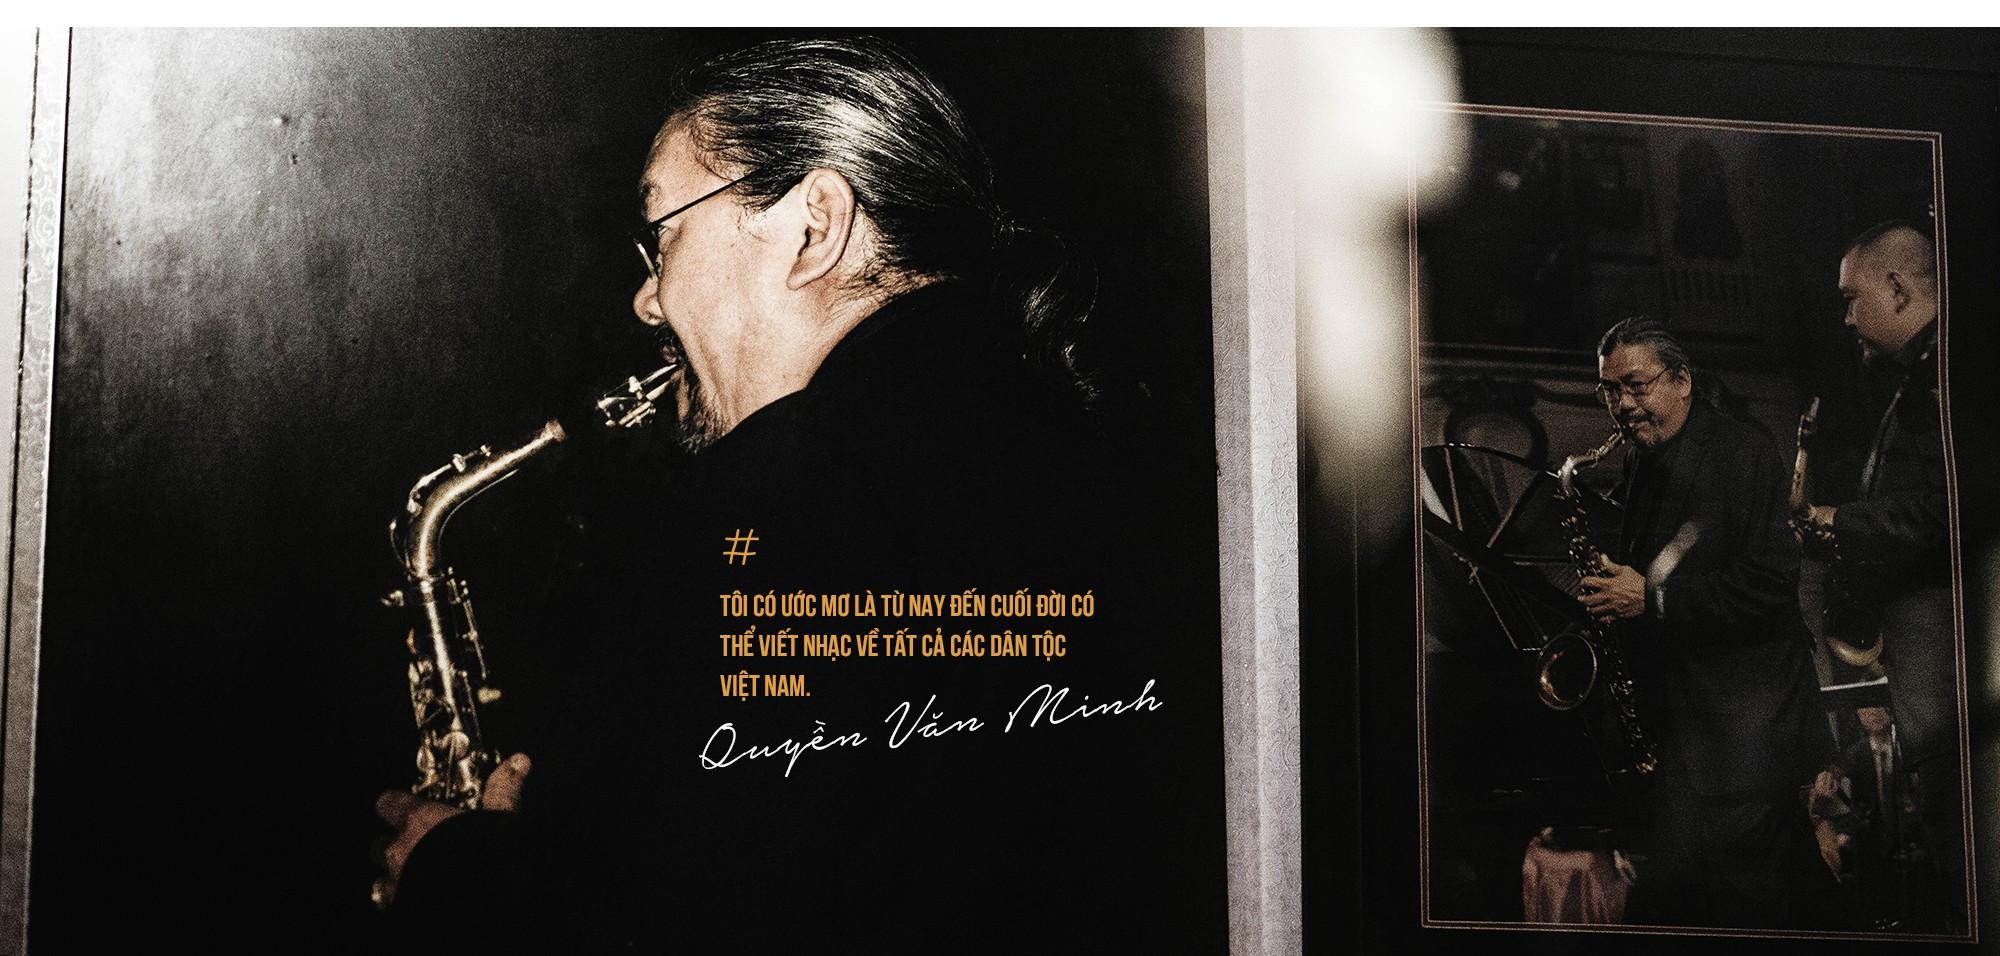 """Saxophone Quyền Văn Minh: Từ cậu thiếu niên học Jazz bằng băng cassette đến """"Huyền thoại sống Jazz Việt Nam"""" - Ảnh 13."""